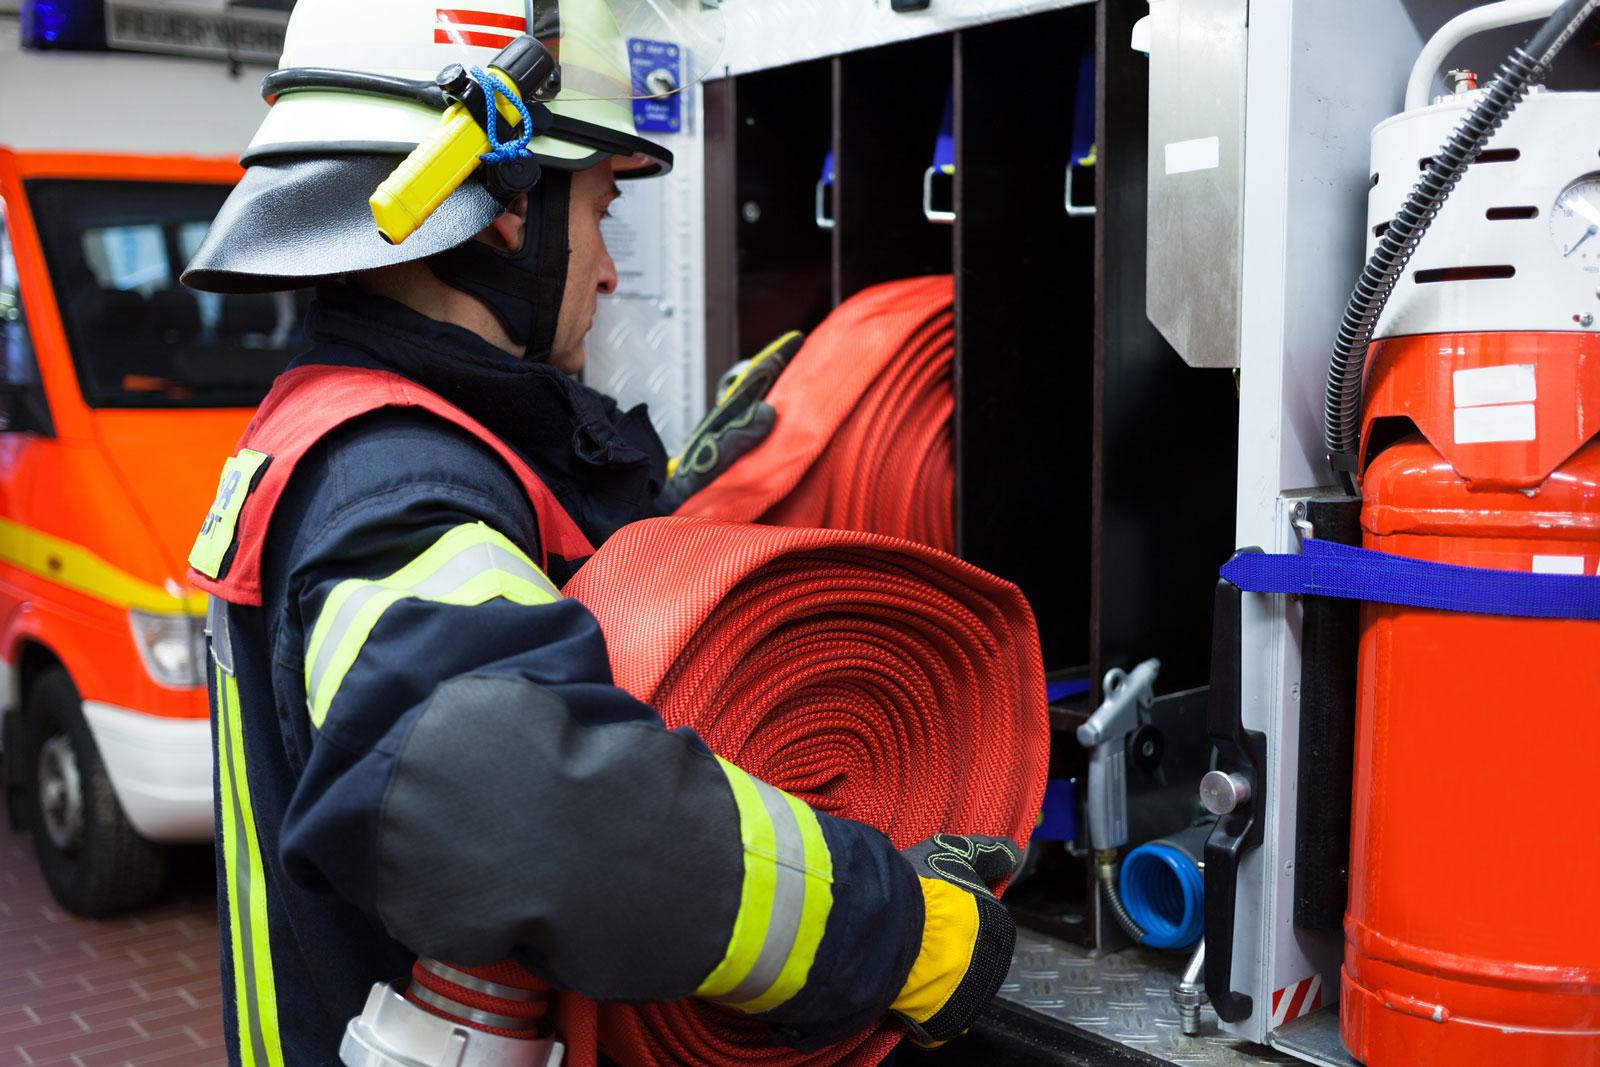 Freiwillige Feuerwehr: 279.000 Hilfseinsätzen pro Jahr